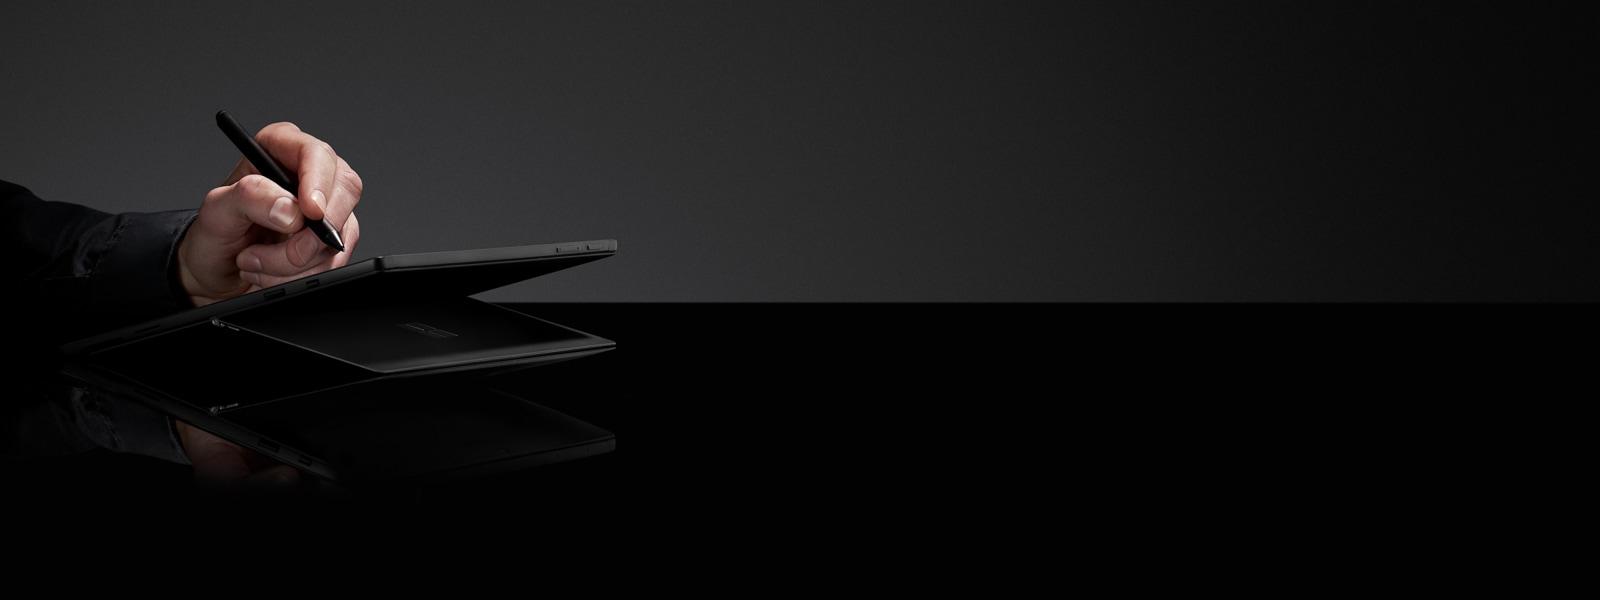 En person, der bruger Surface Pen på en sort Surface Pro 6 på sort baggrund